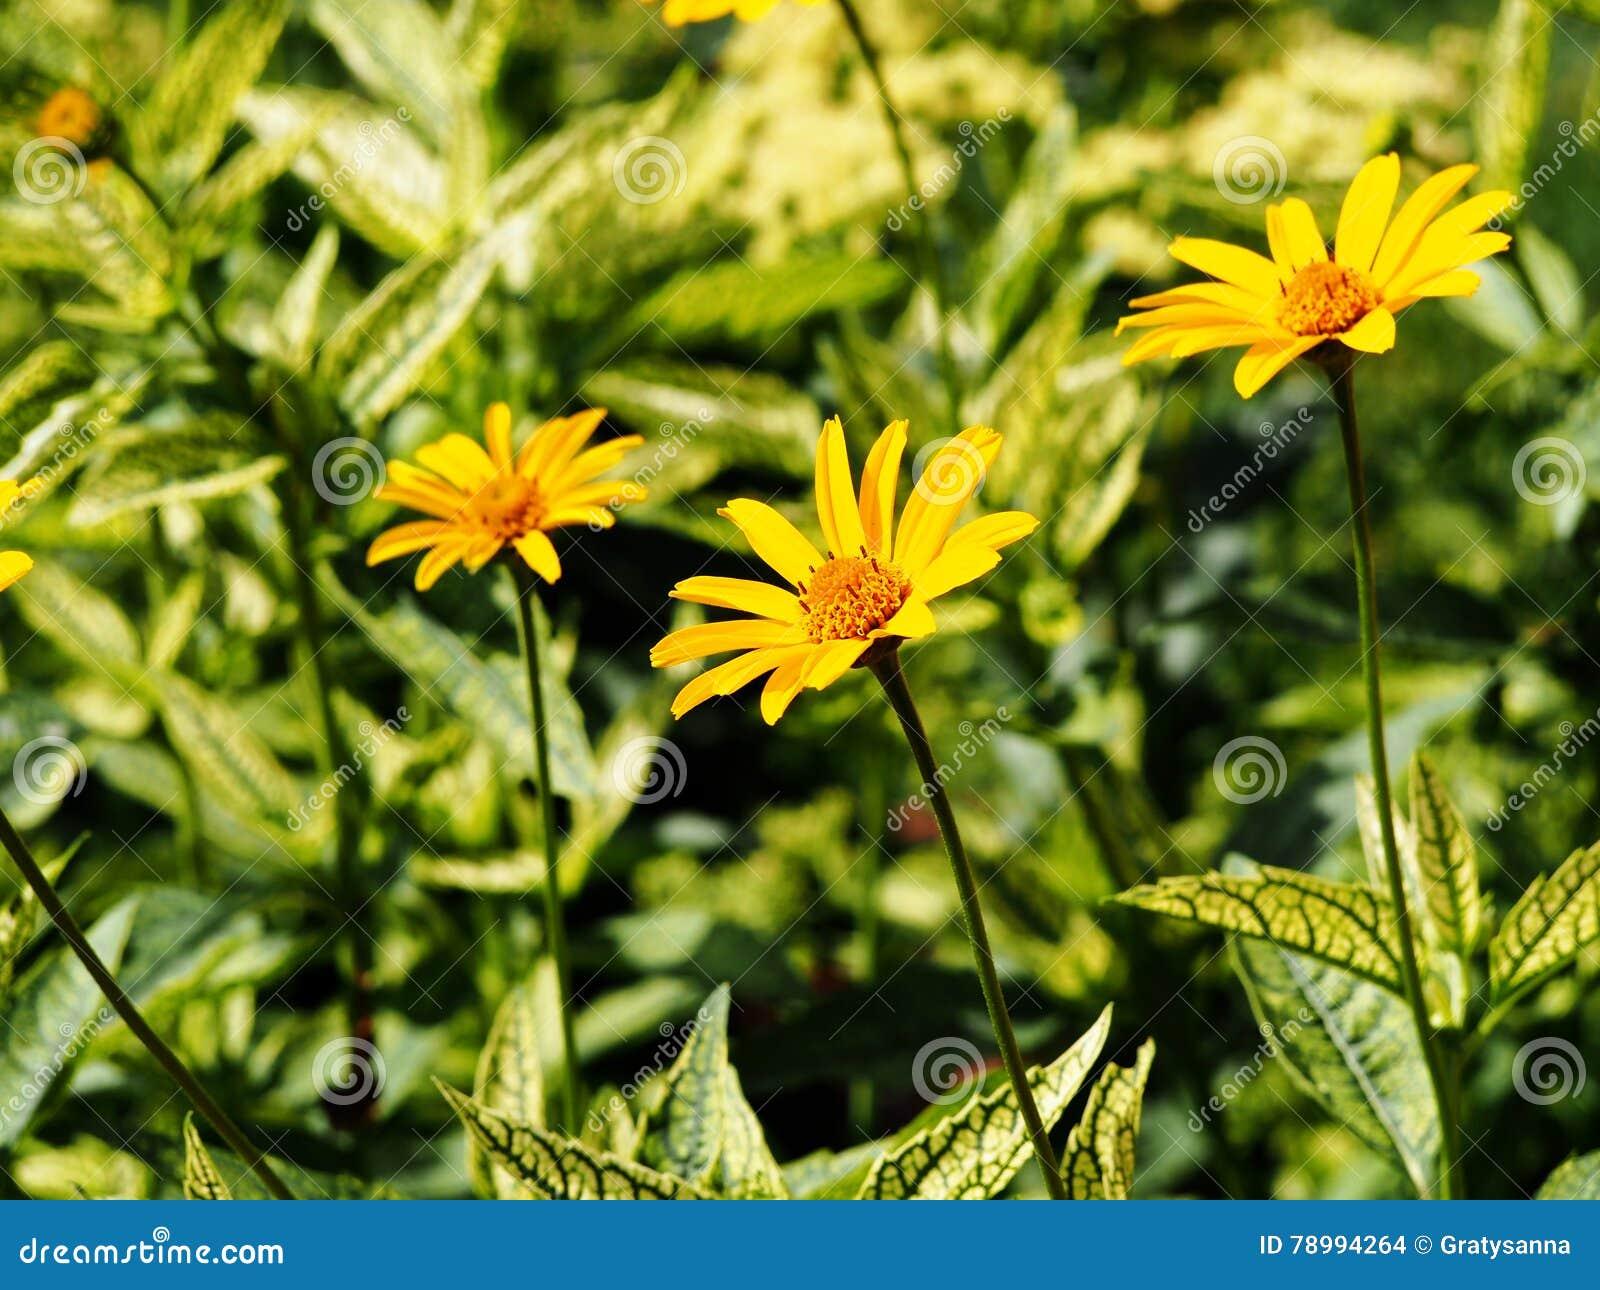 Fałszywy słonecznik, szorstki oxeye & x27, - Heliopsis helianthoides; Loraine Sunshine& x27;